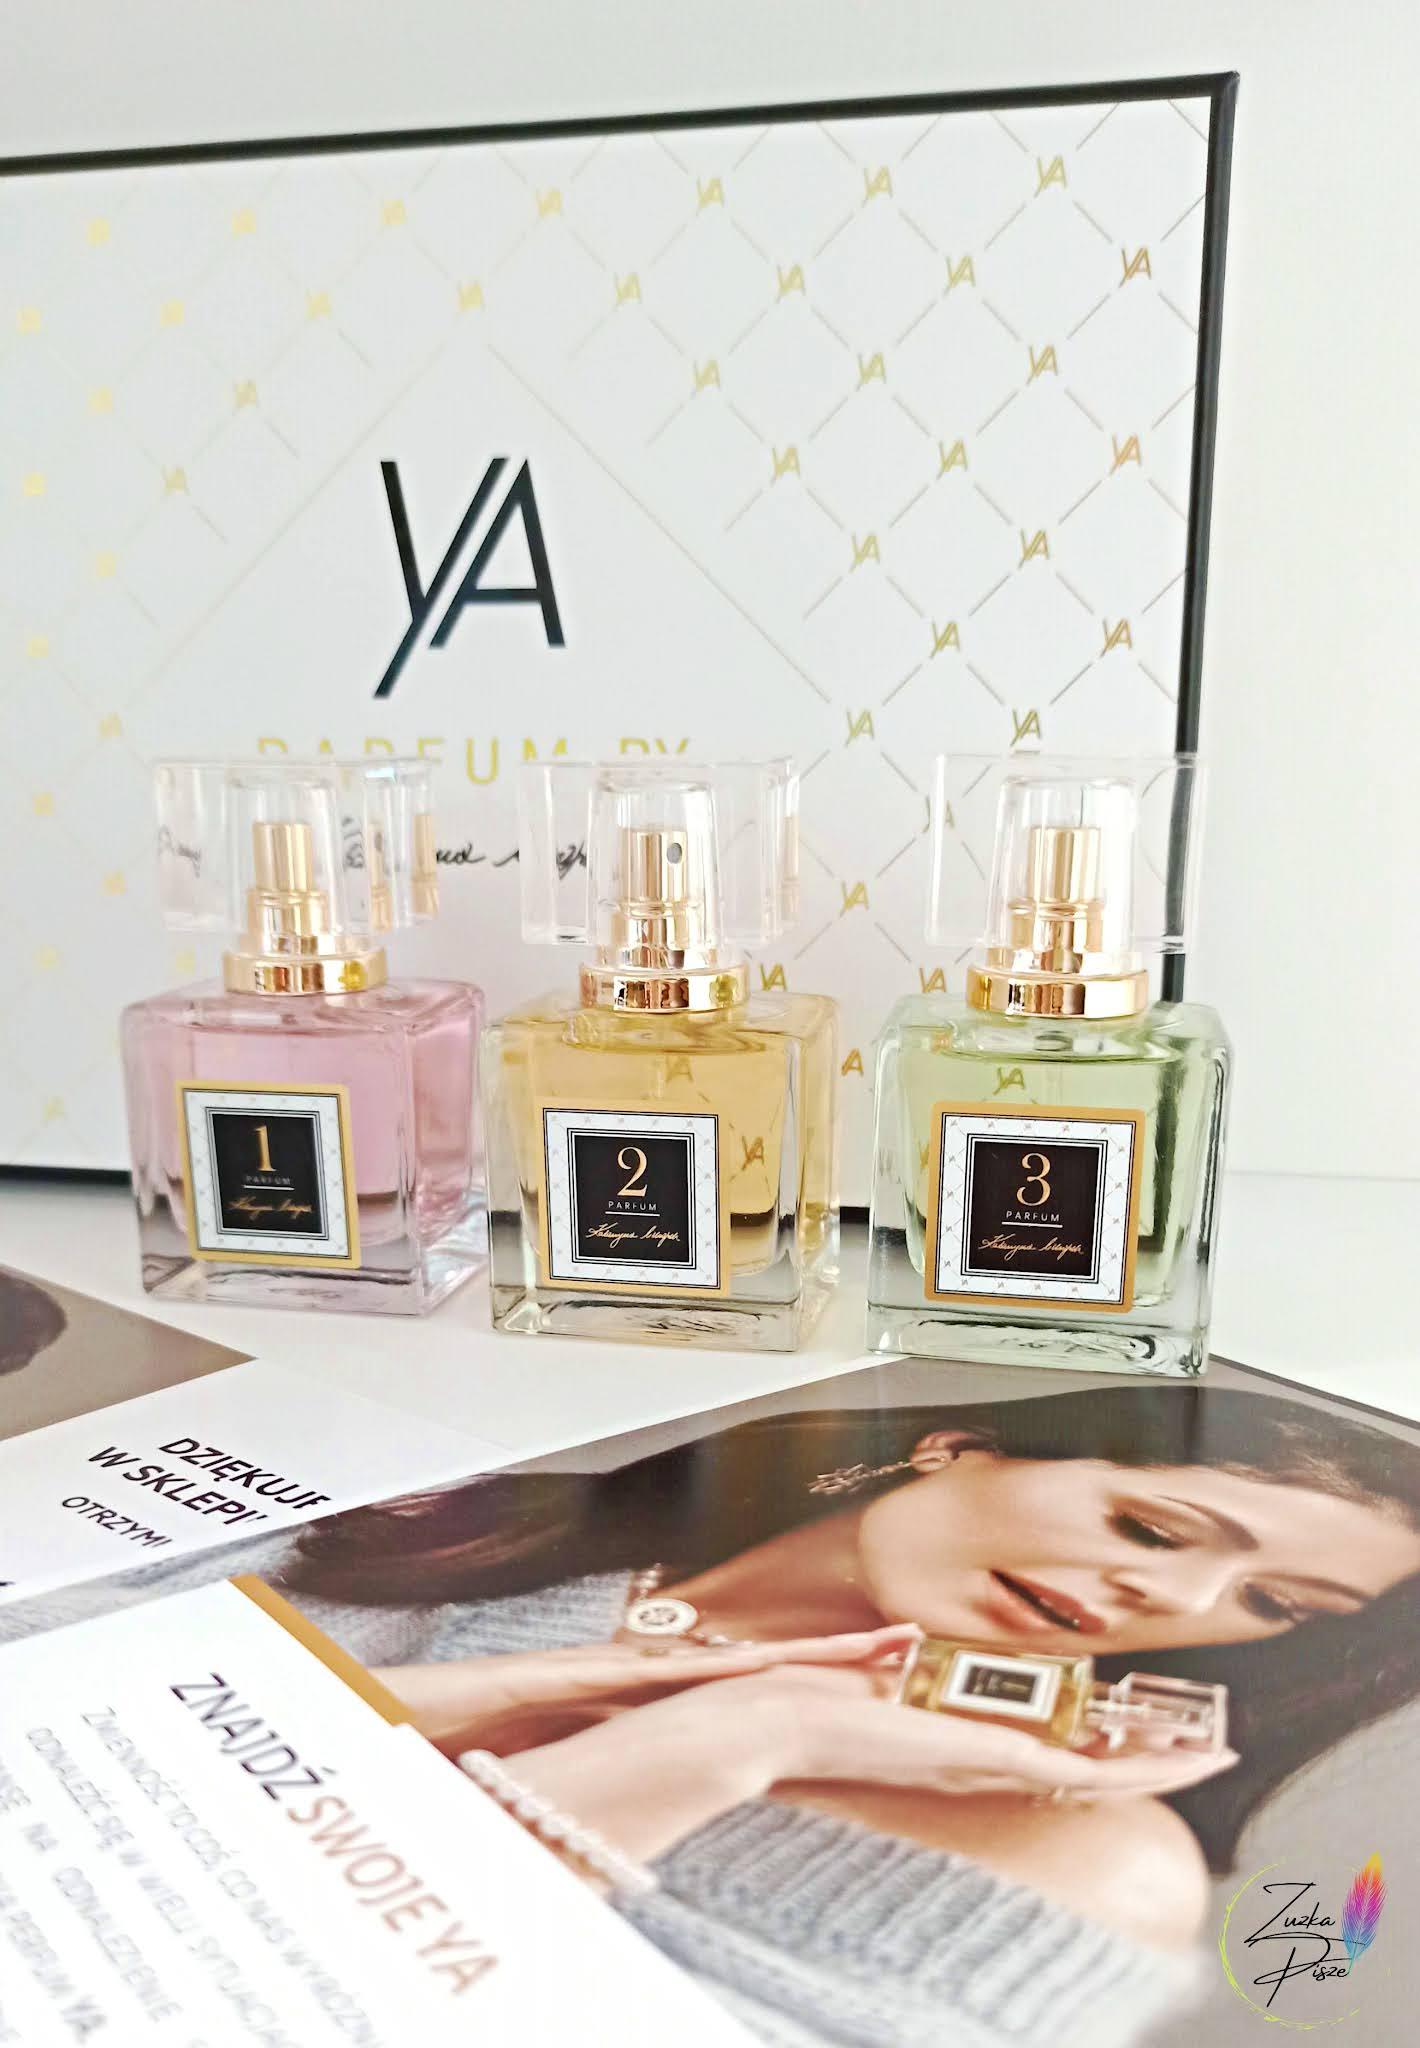 Łącz zapachy, znajdź swoje YA. Kolekcja perfum Katarzyny Cichopek